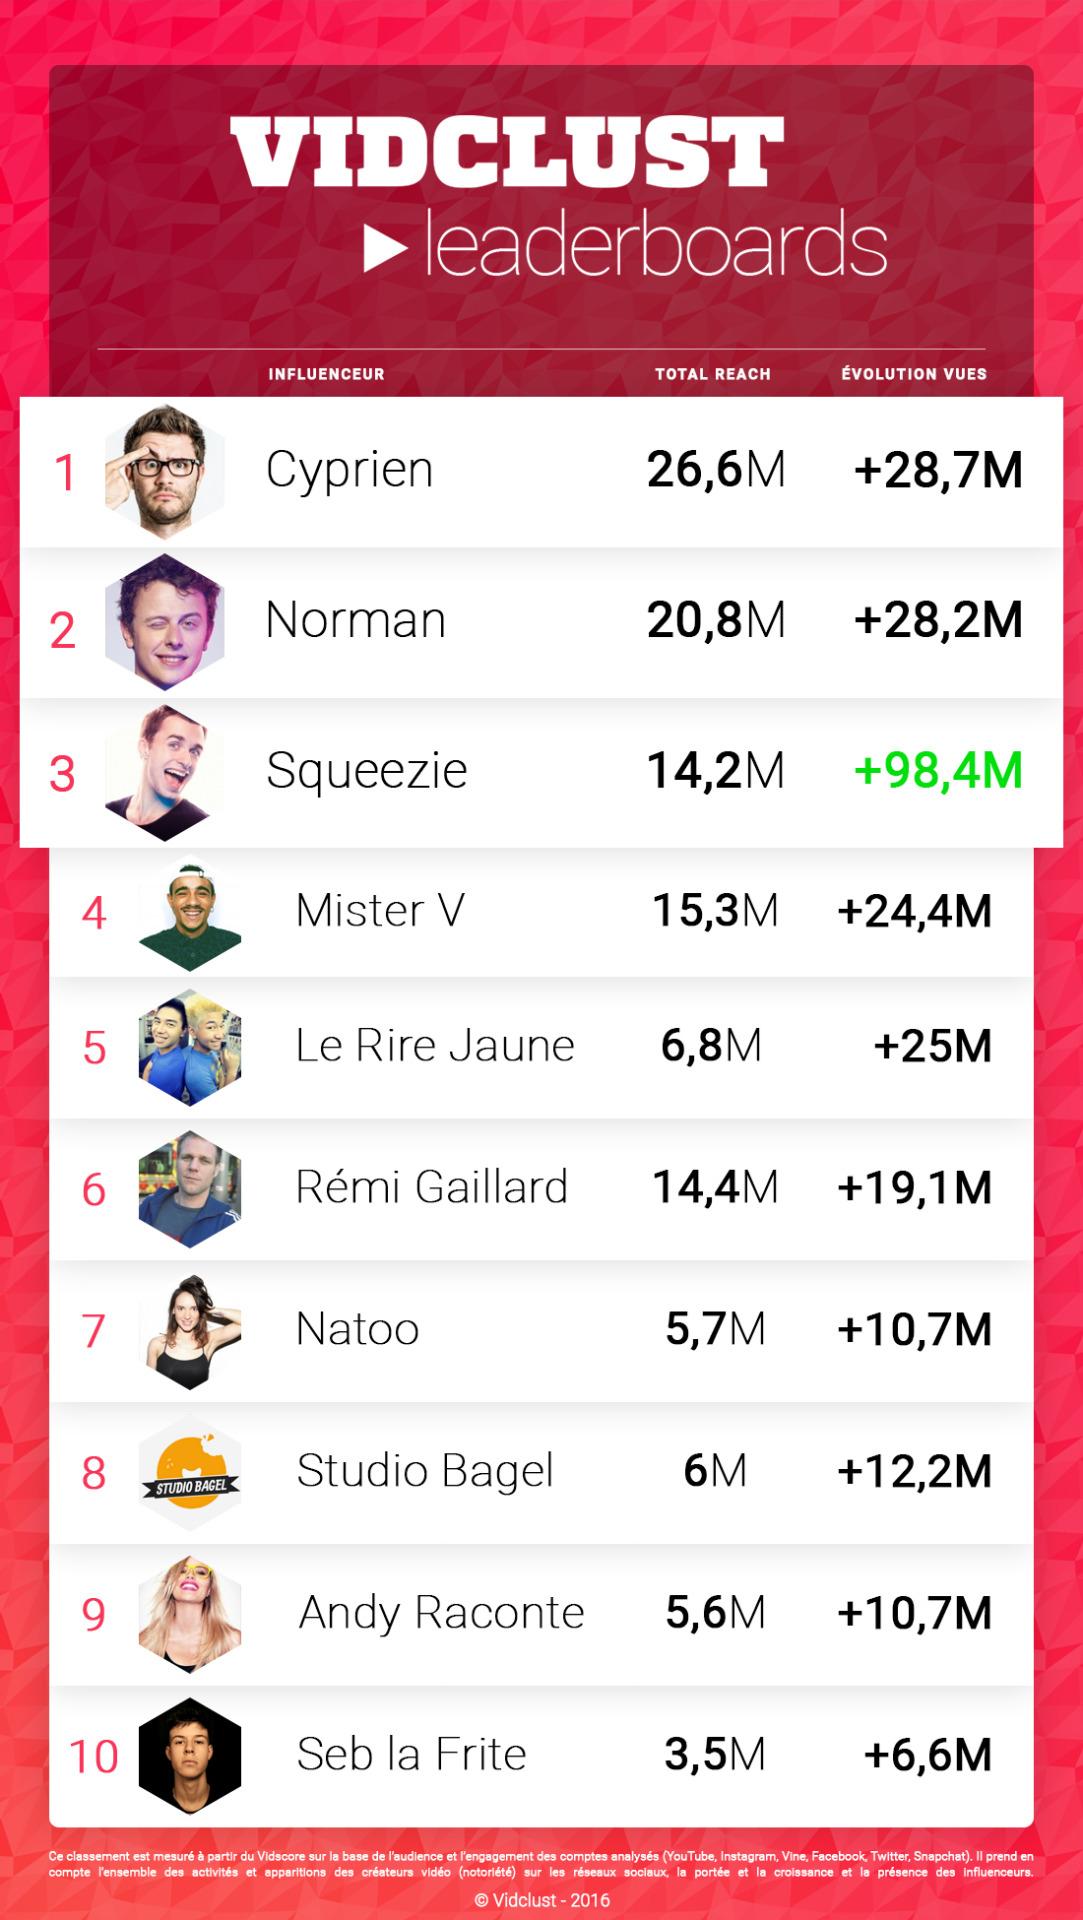 Meilleur 10 Application Pour Télécharger Vidéos Et Musique: Le Top 10 Des Meilleurs YouTubeurs Français